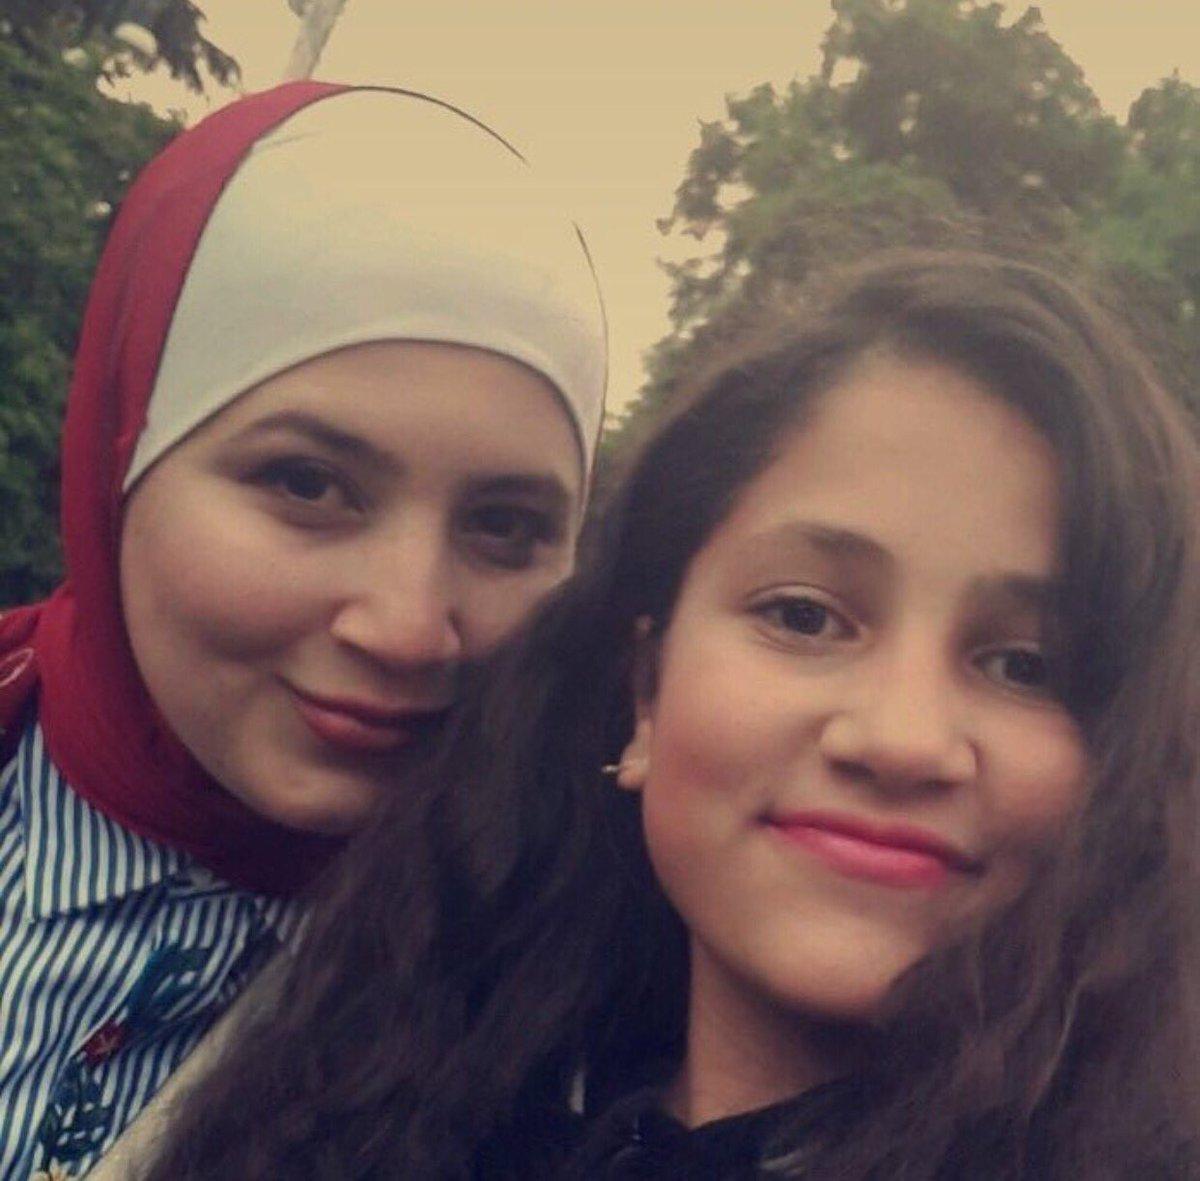 لين الصعيدي Leen El Saide Twitter